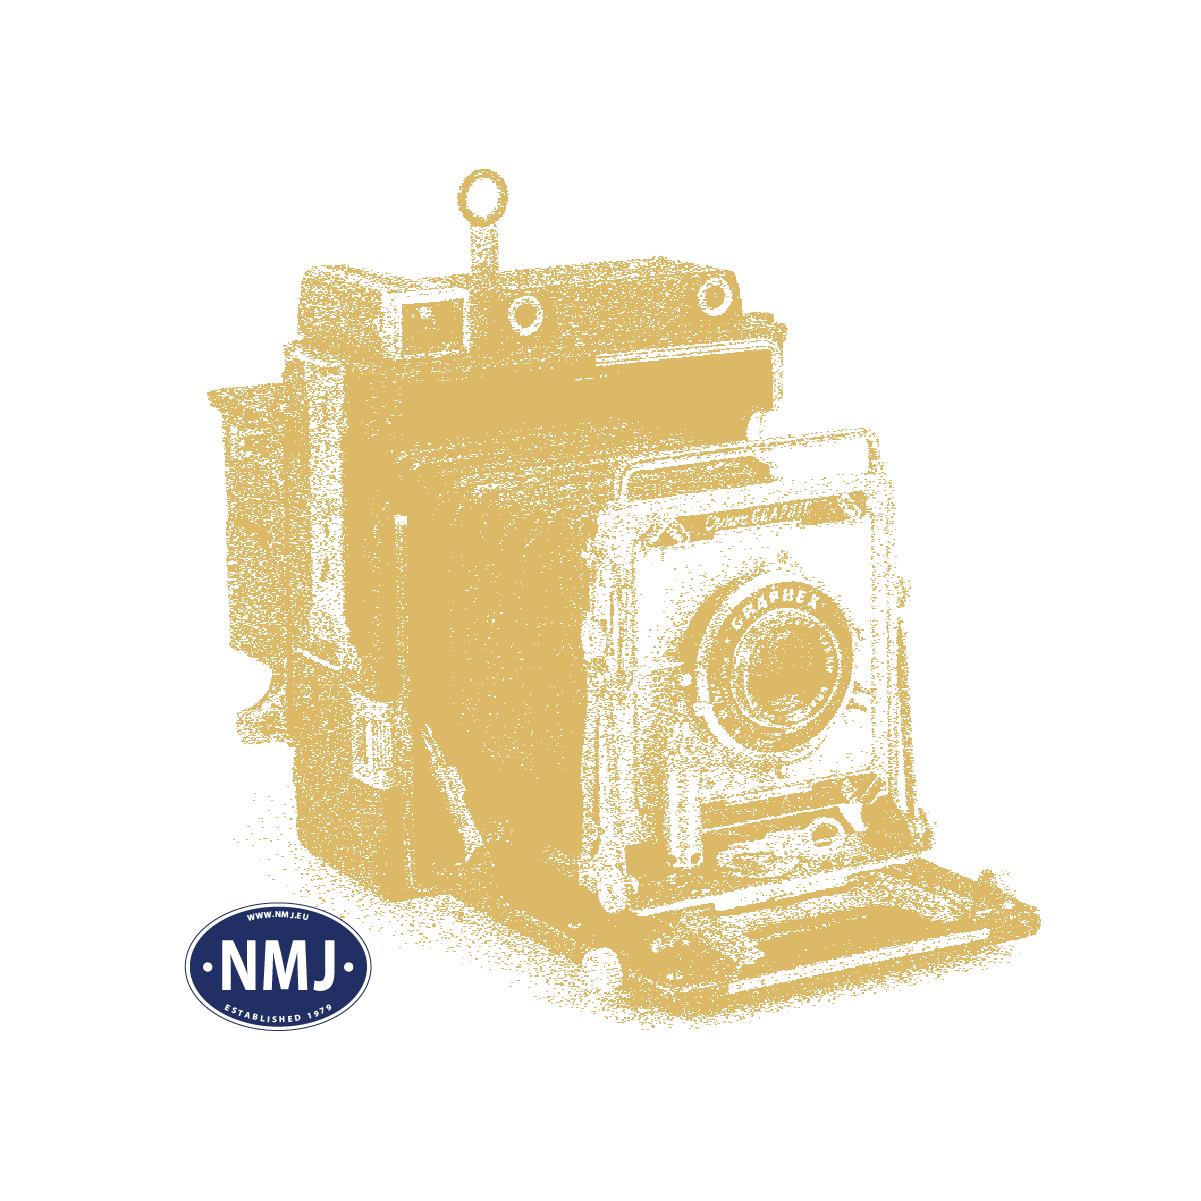 NMJH15114 - NMJ Skyline Jernbaneundergang/Bro, Mørke utgave, Ferdigmodell